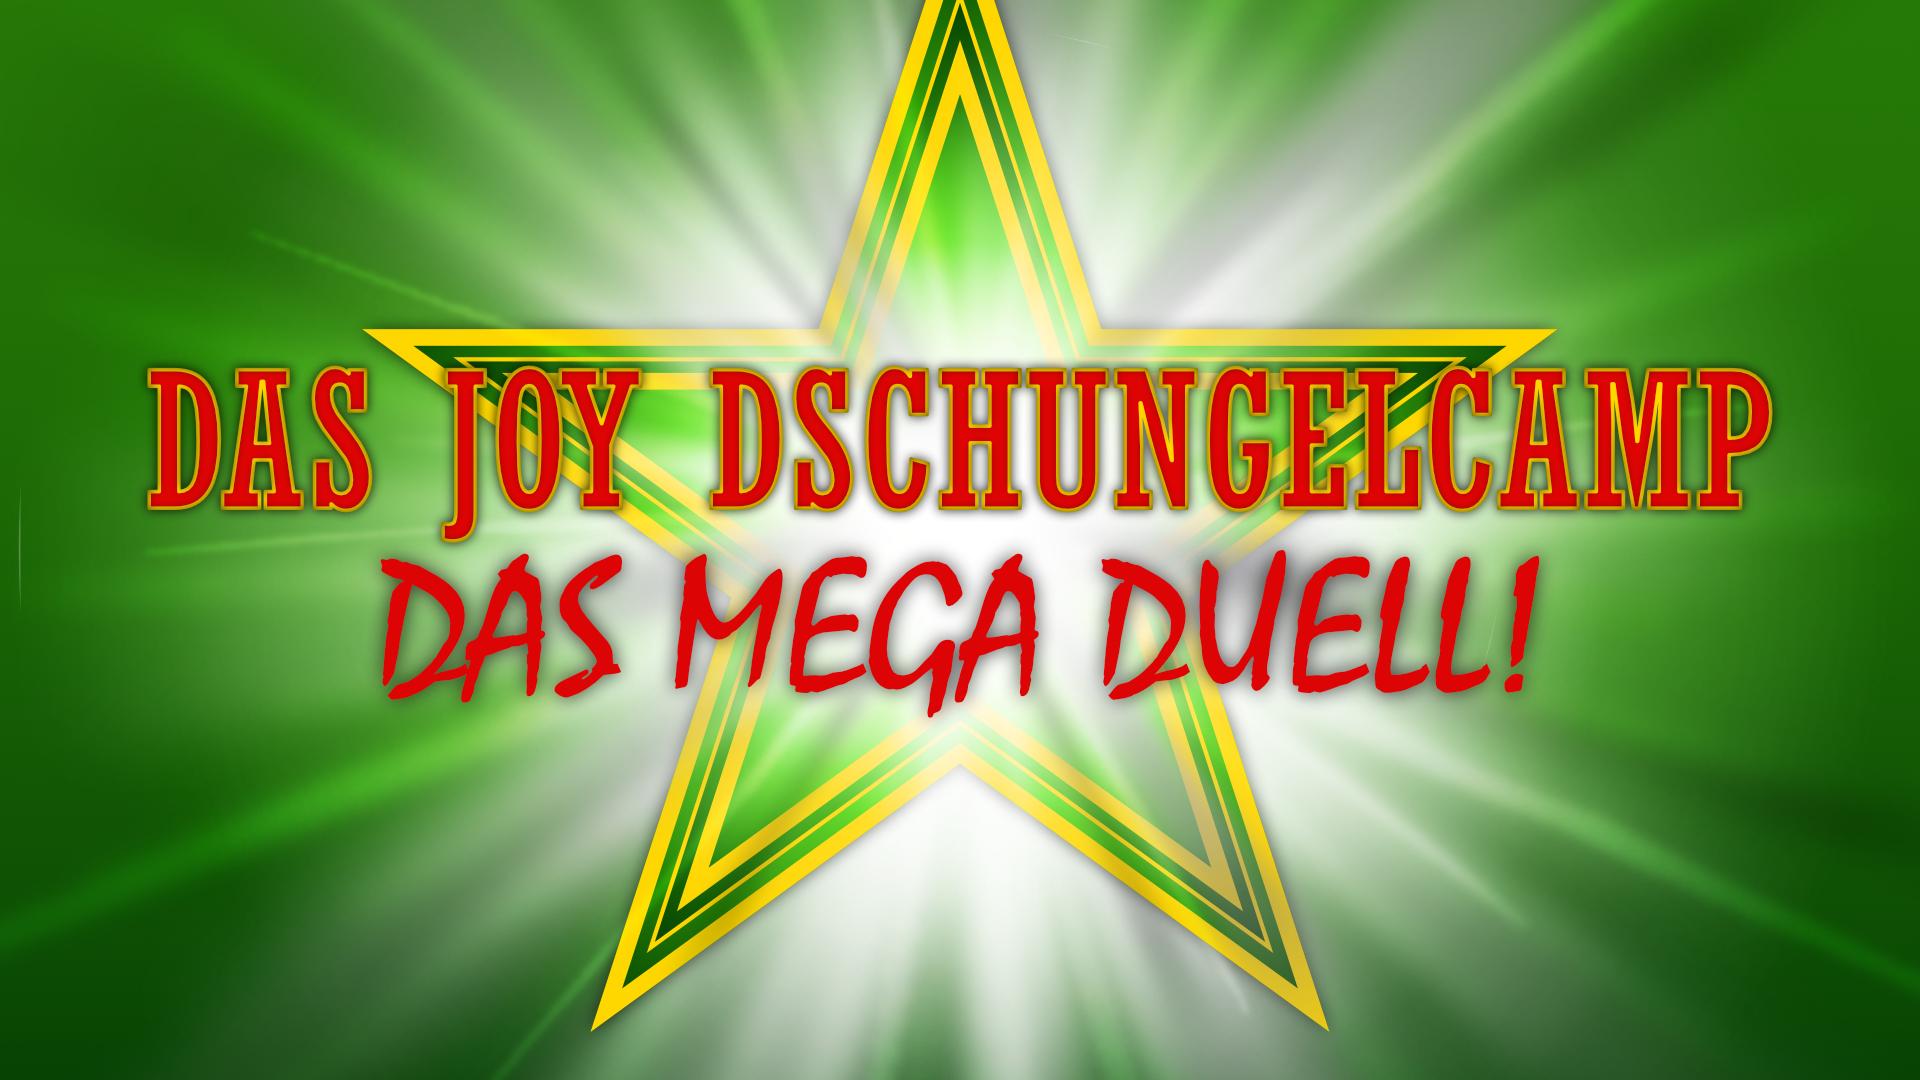 Das JOY Dschungelcamp